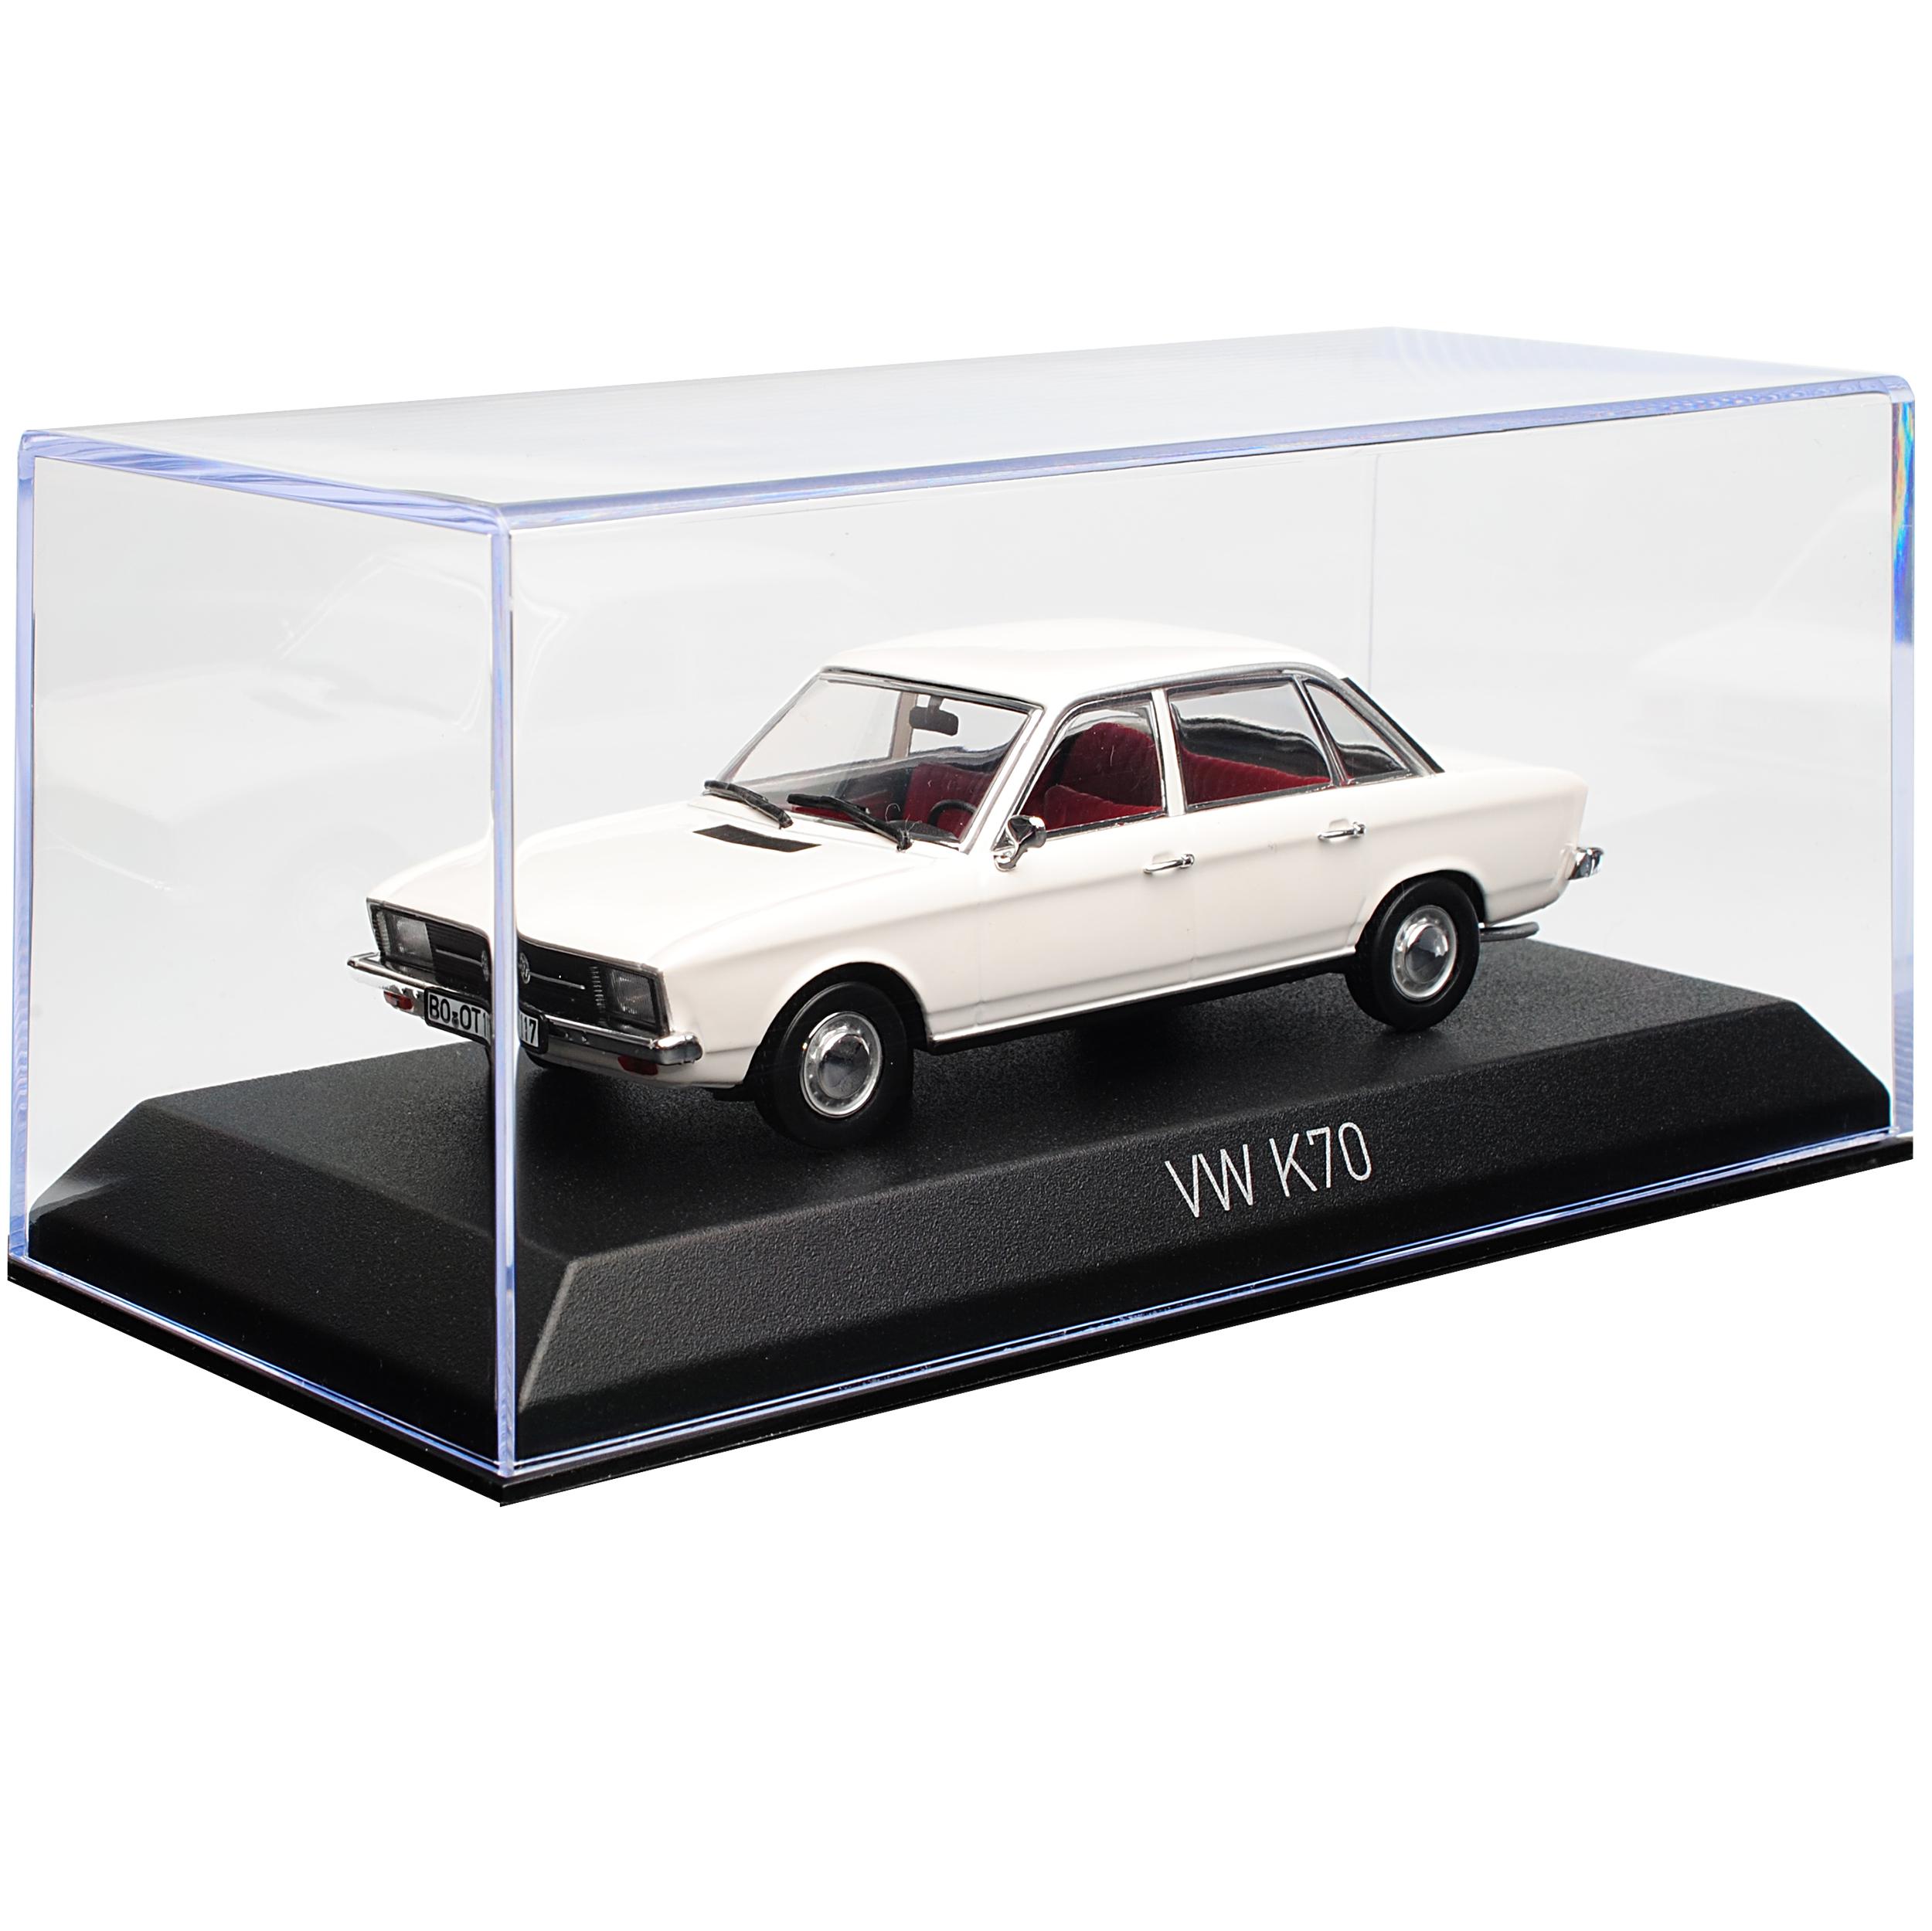 VW Volkswagen Volkswagen Volkswagen K70 Limousine Weiss 1970-1975 1 43 Norev Modell Auto mit oder oh.. 8f644b